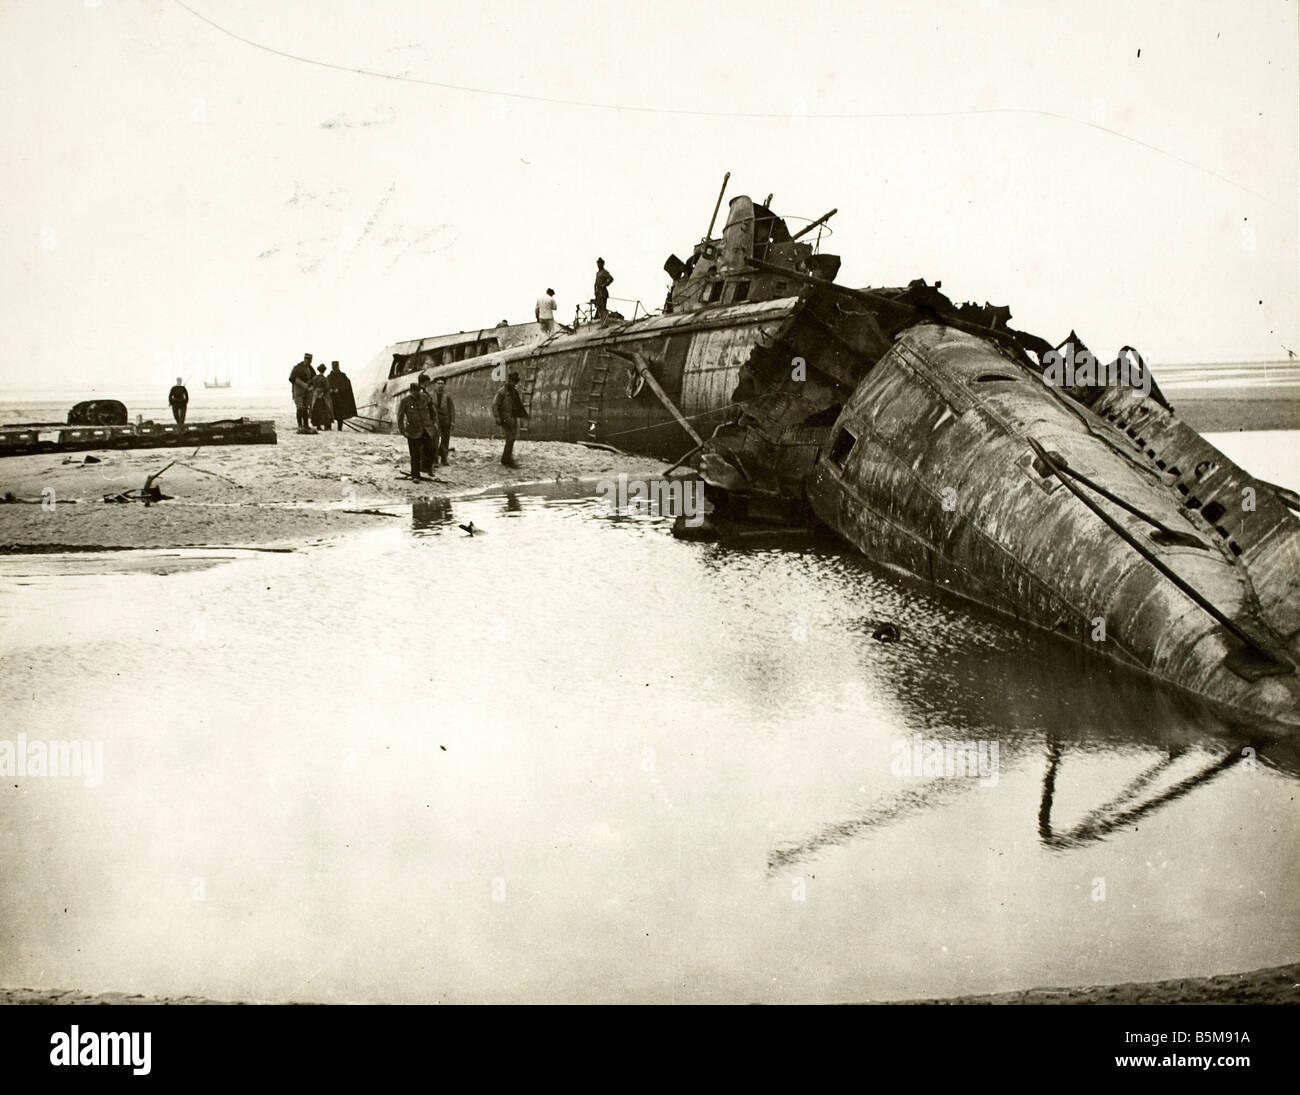 2 G55 M1 1917 14 sous-marins allemands de la PREMIÈRE GUERRE MONDIALE L'histoire de la côte française Photo Stock